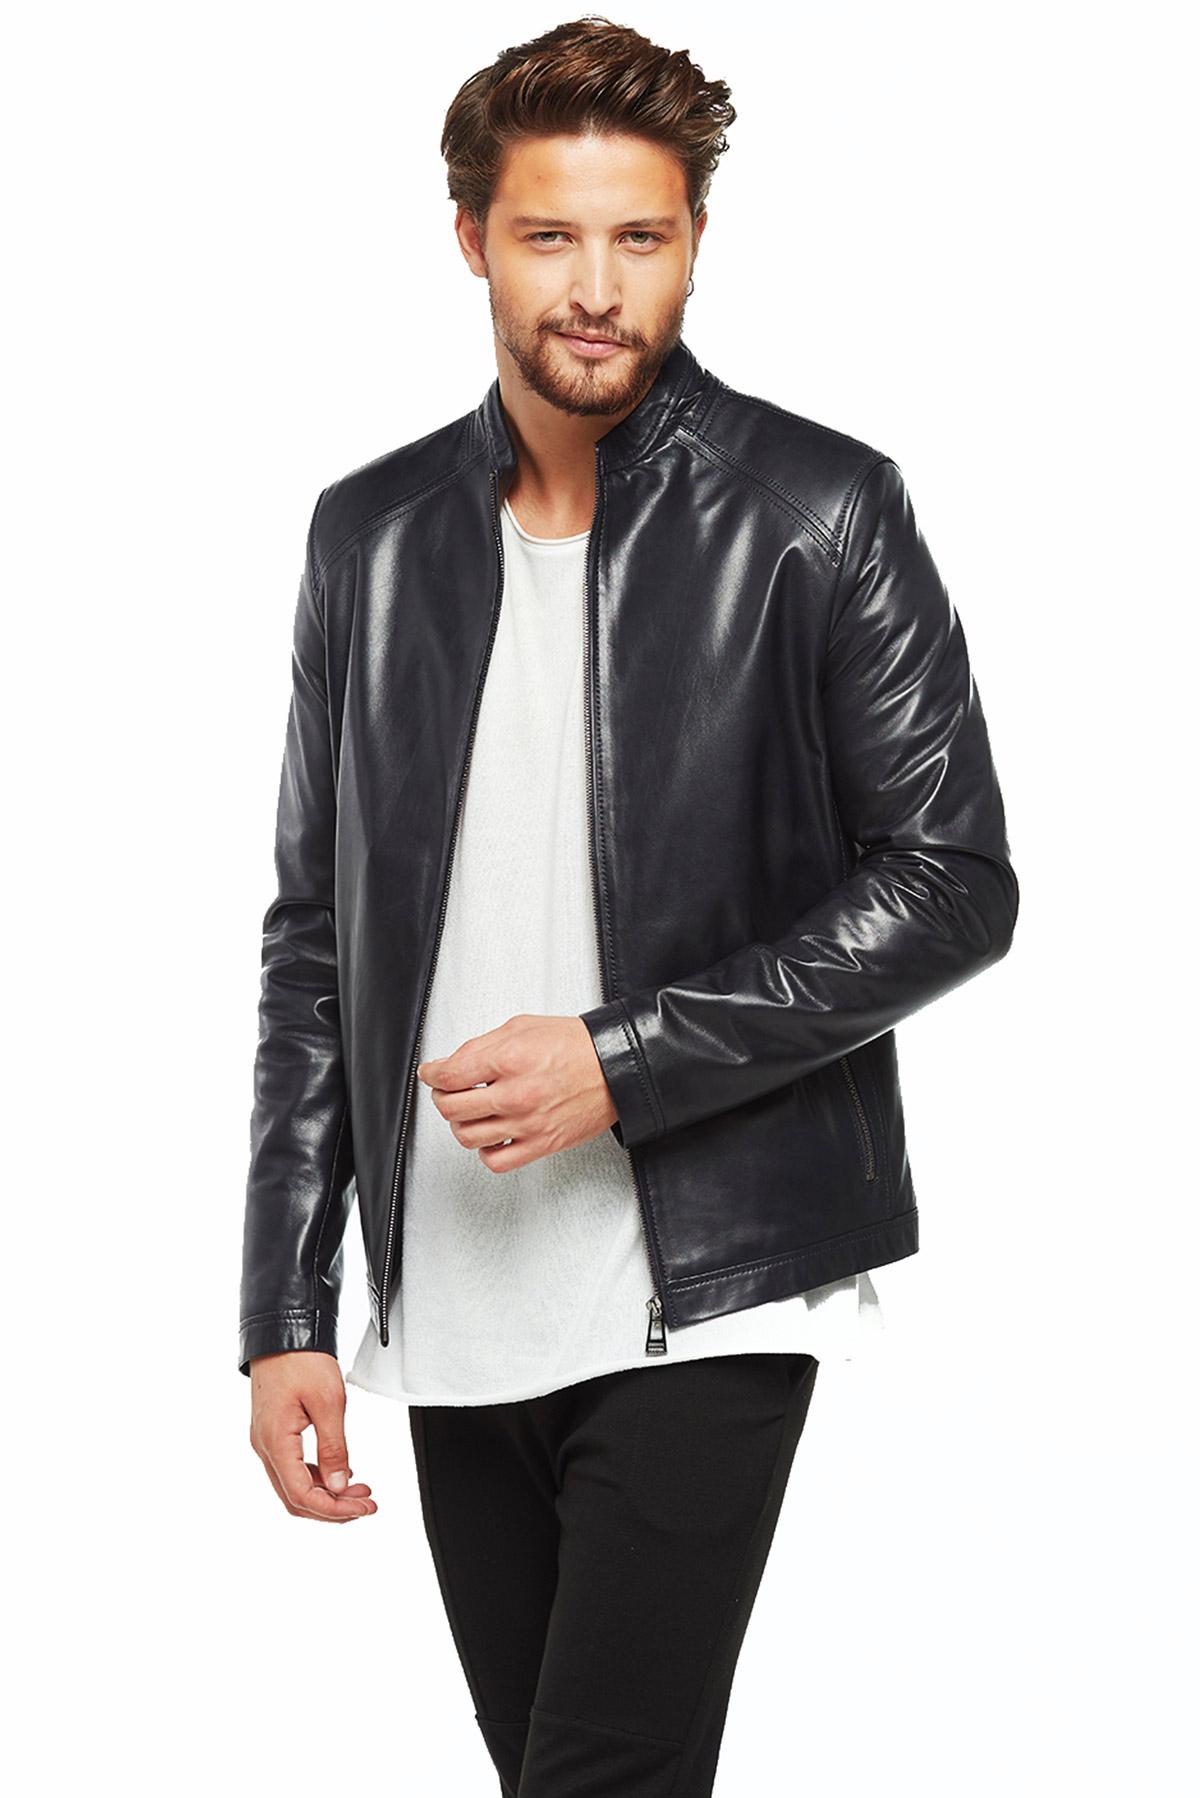 mens black leather suit jacket